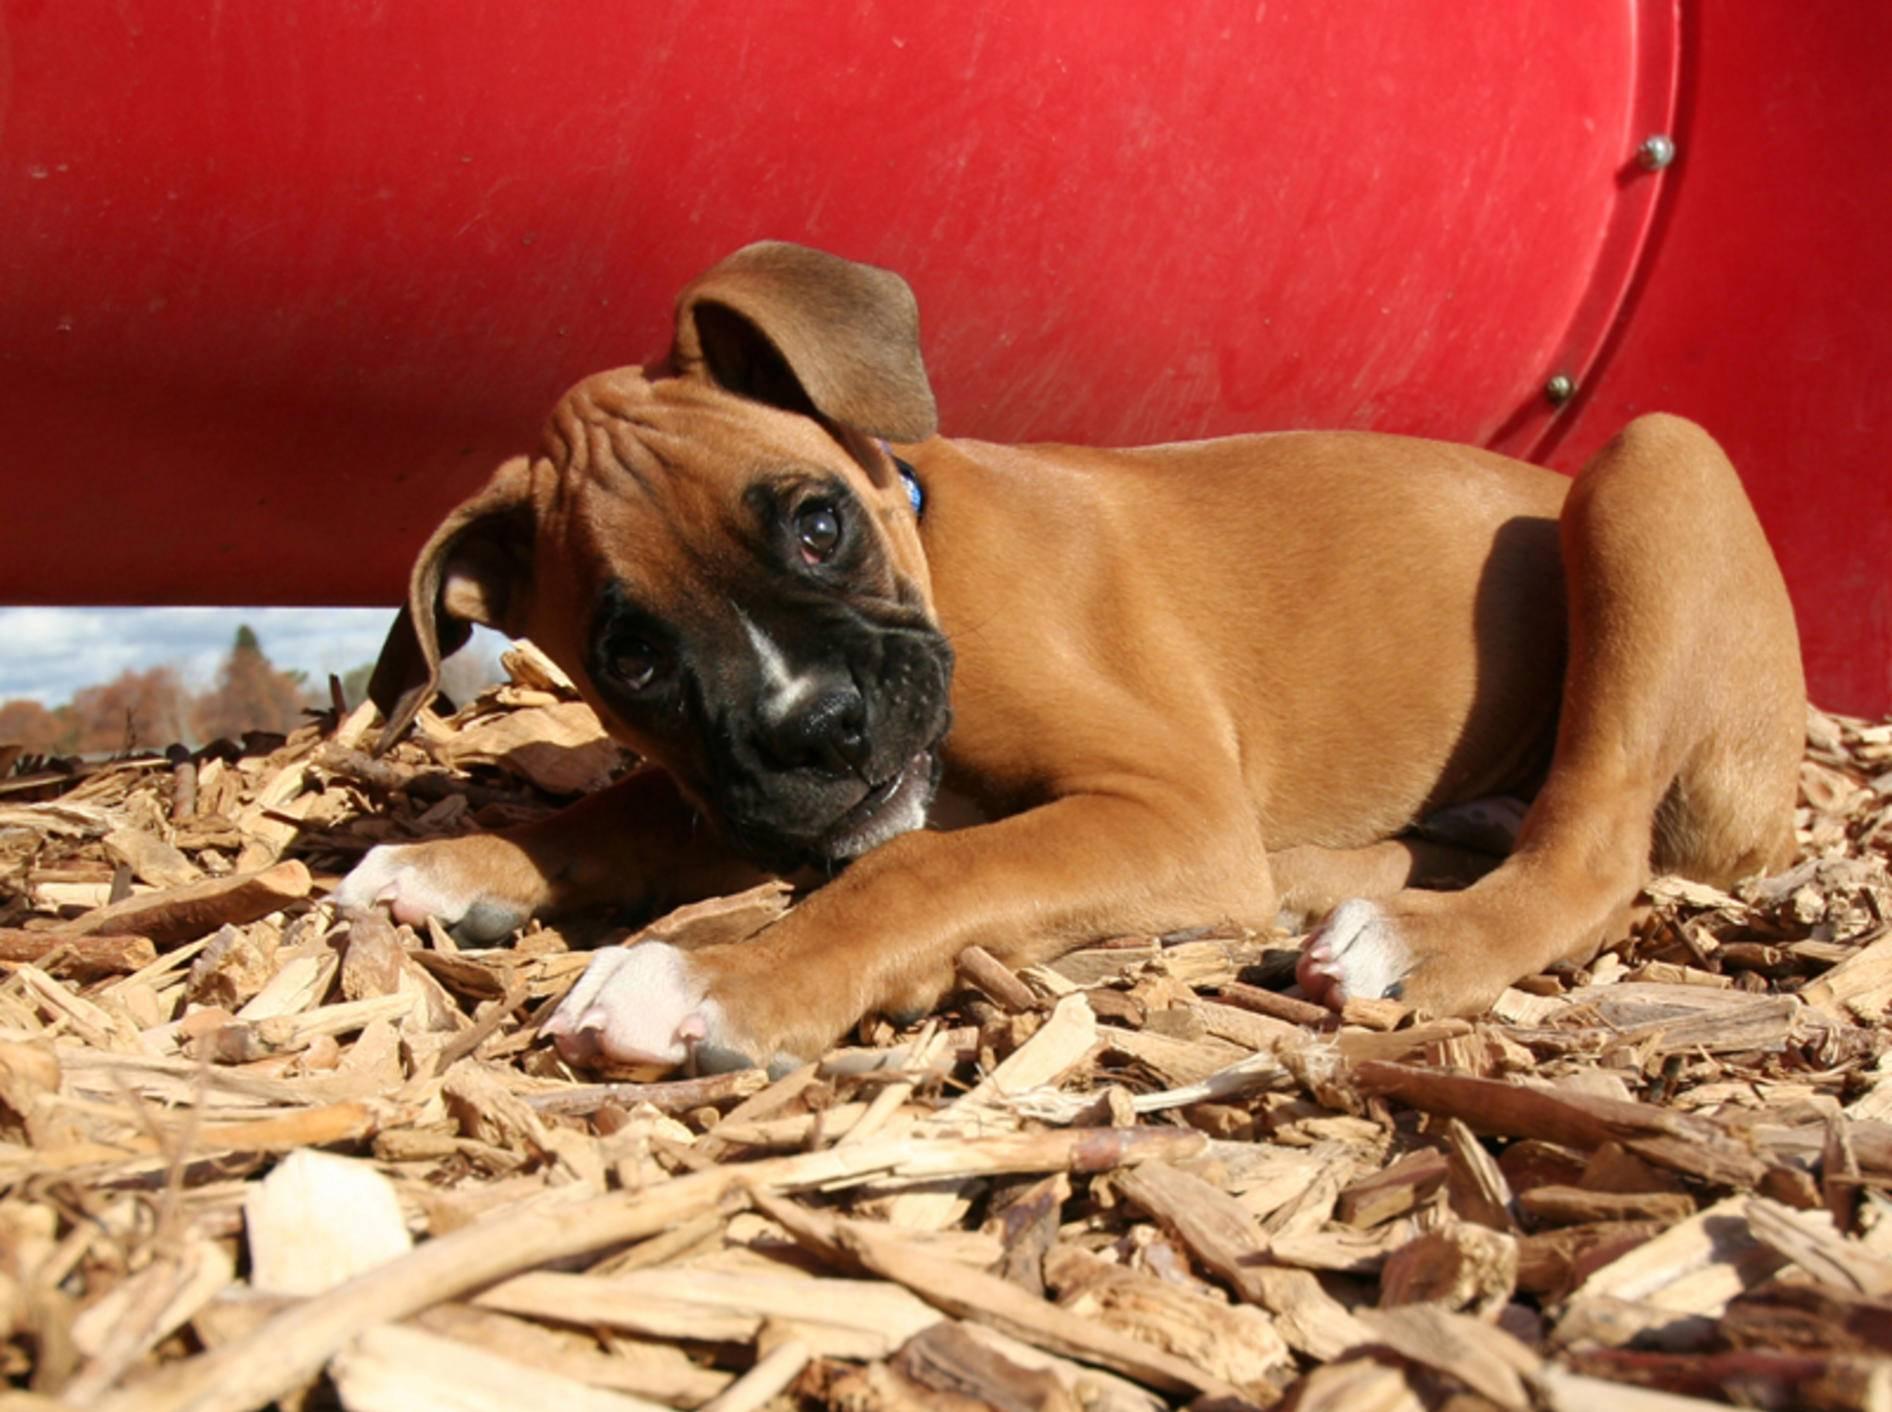 Wer kann diesem Hundeblick schon widerstehen? – Bild: Shutterstock / Annette Shaff